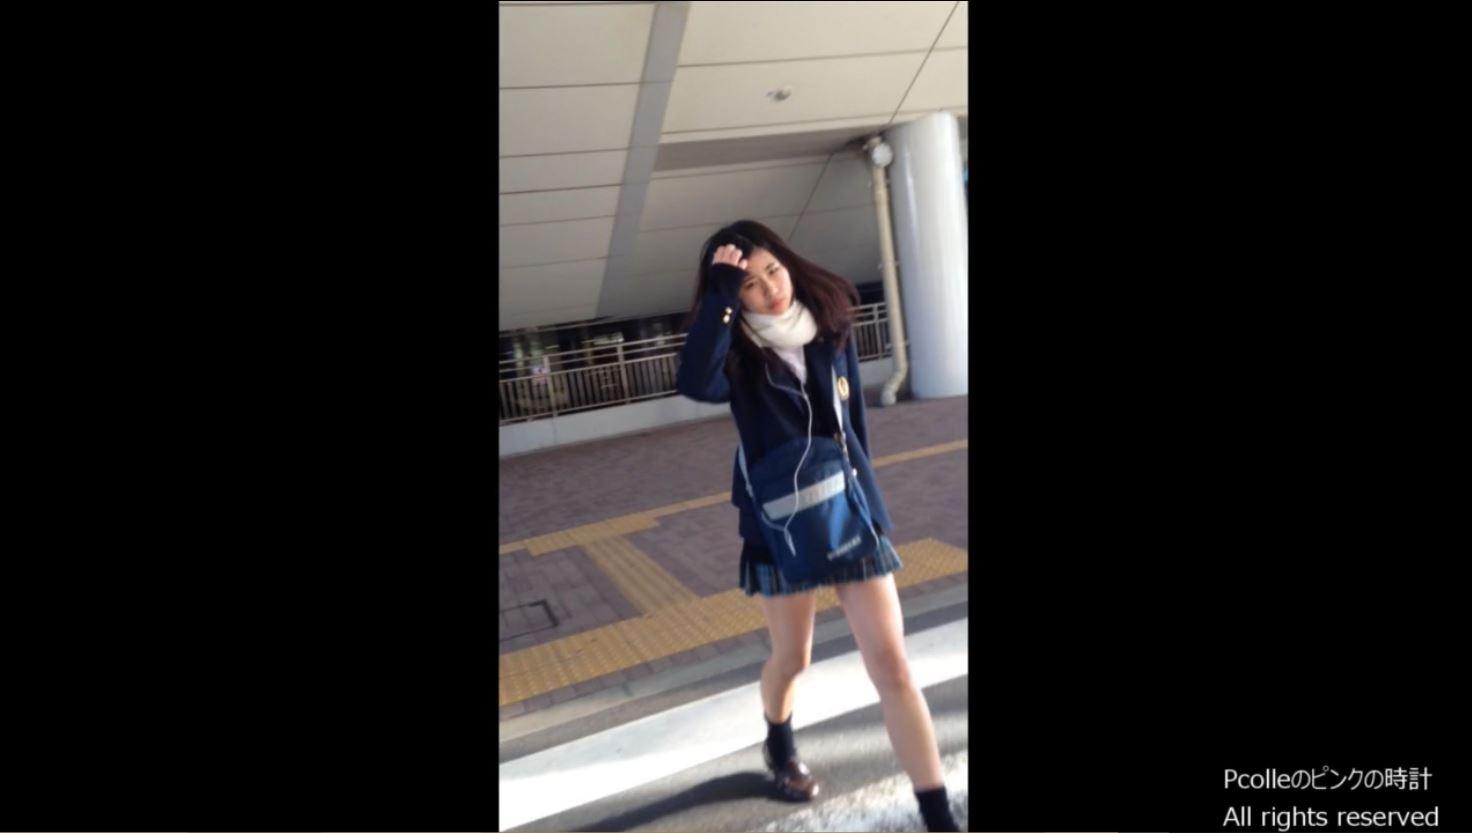 《女子校生リアルスカートめくりパンティ盗撮》②『顔出し』制服JK数人に話しかけて顔撮影♪